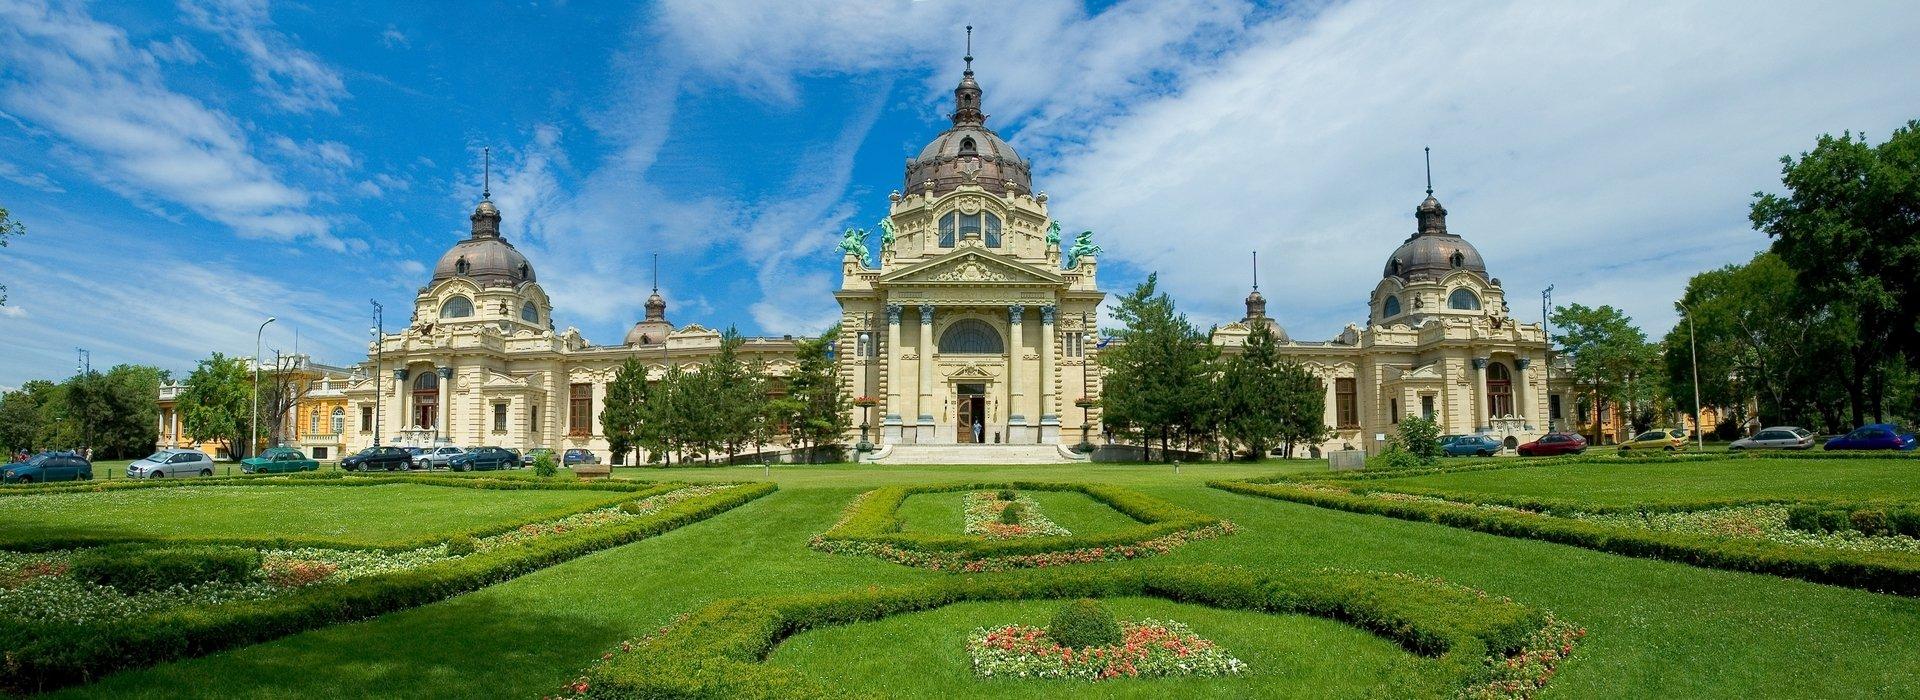 Budapest Stadtwäldchen – Sehenswürdigkeiten in Budapest, Ungarn